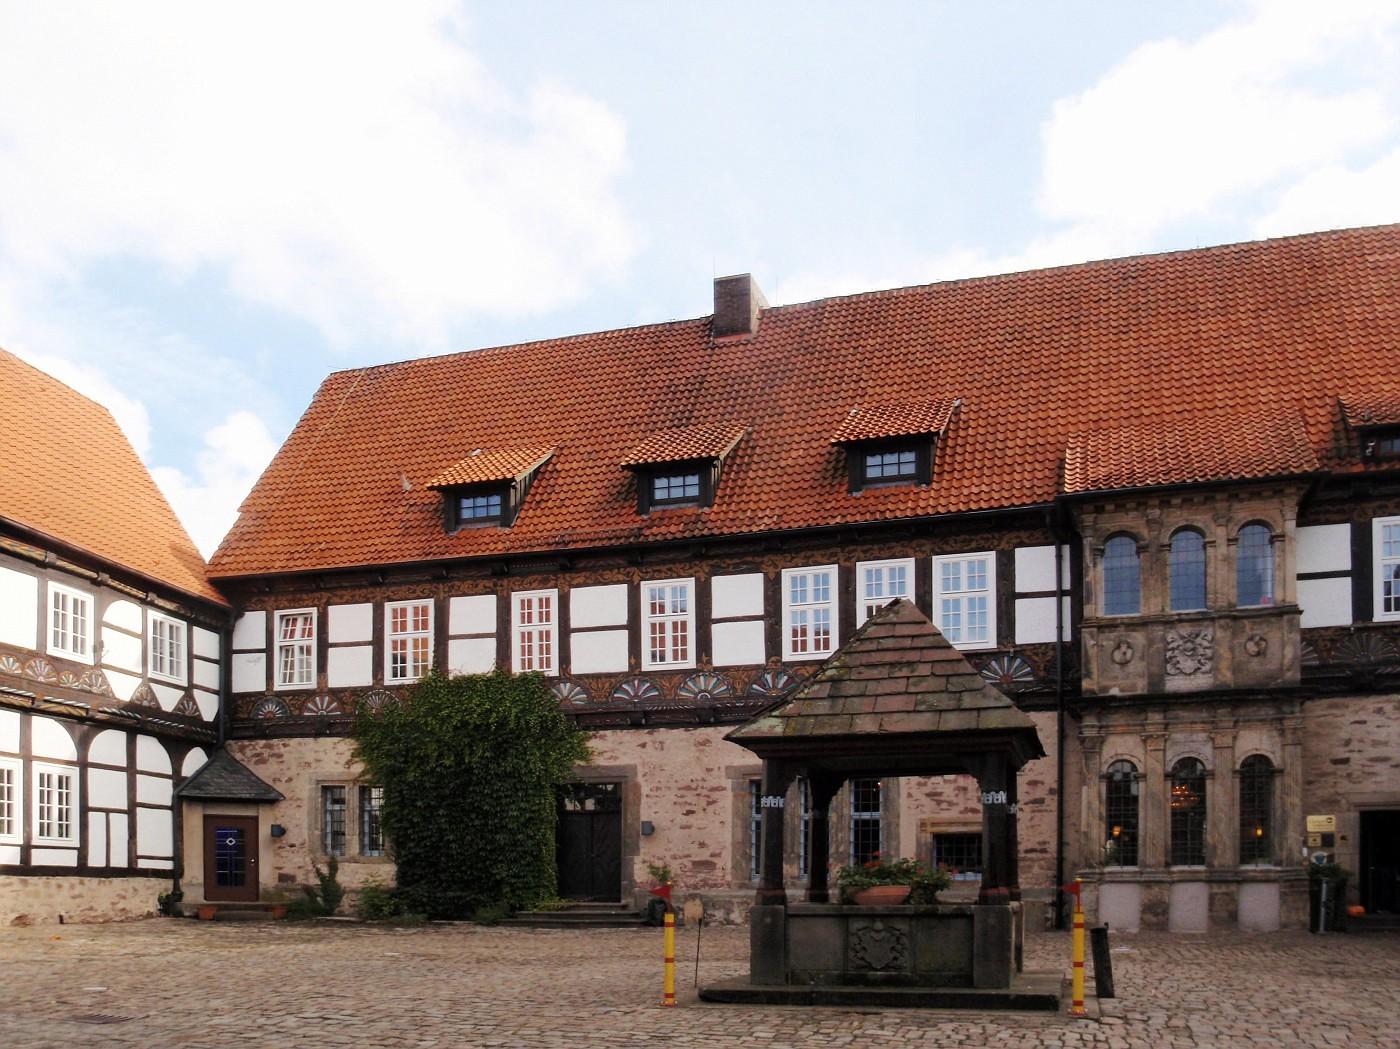 Innenhof der Burg Blomberg